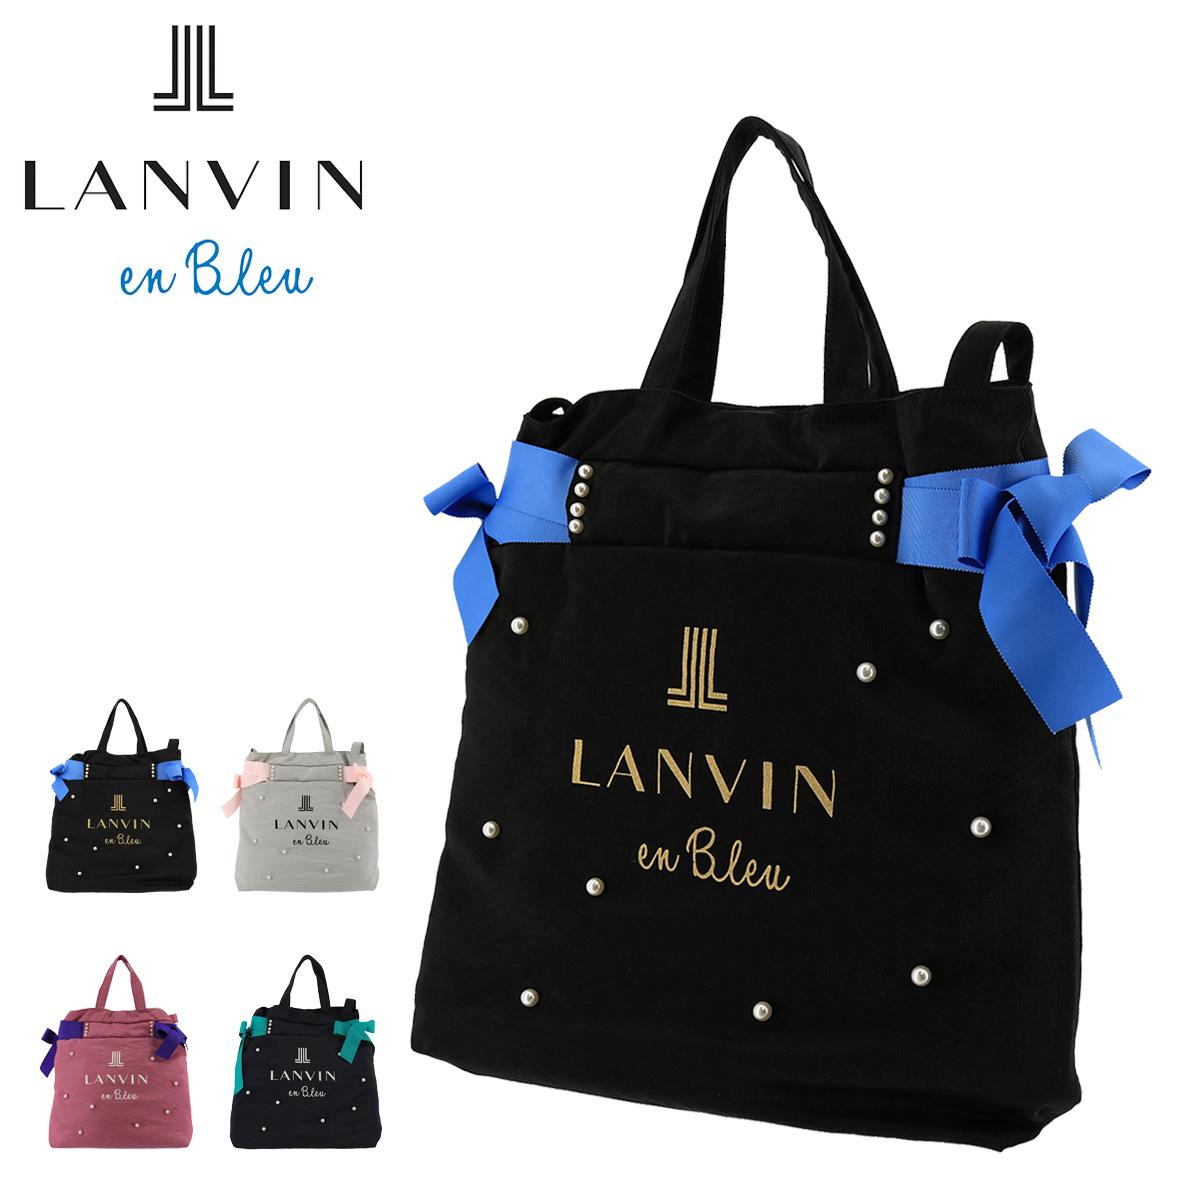 ランバンオンブルー トートバッグ モンテベロ レディース 482520 LANVIN en Bleu | 大きめ [即日発送]